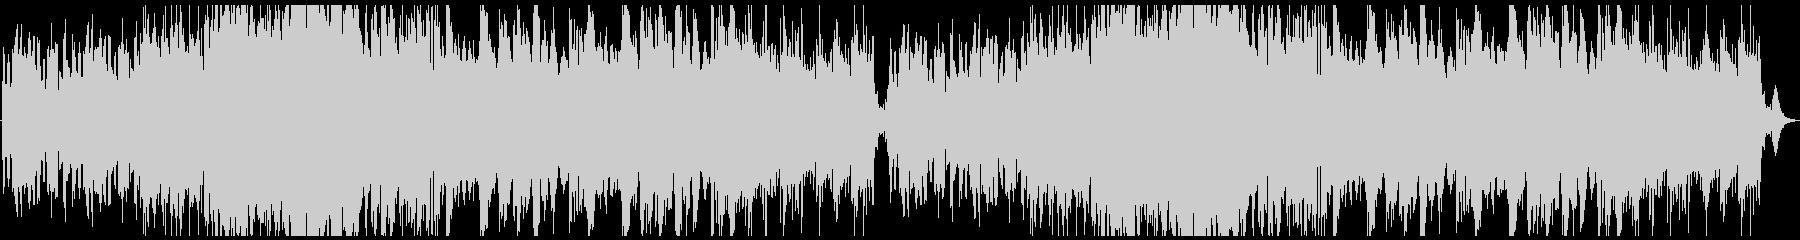 楽しいケルト曲の未再生の波形